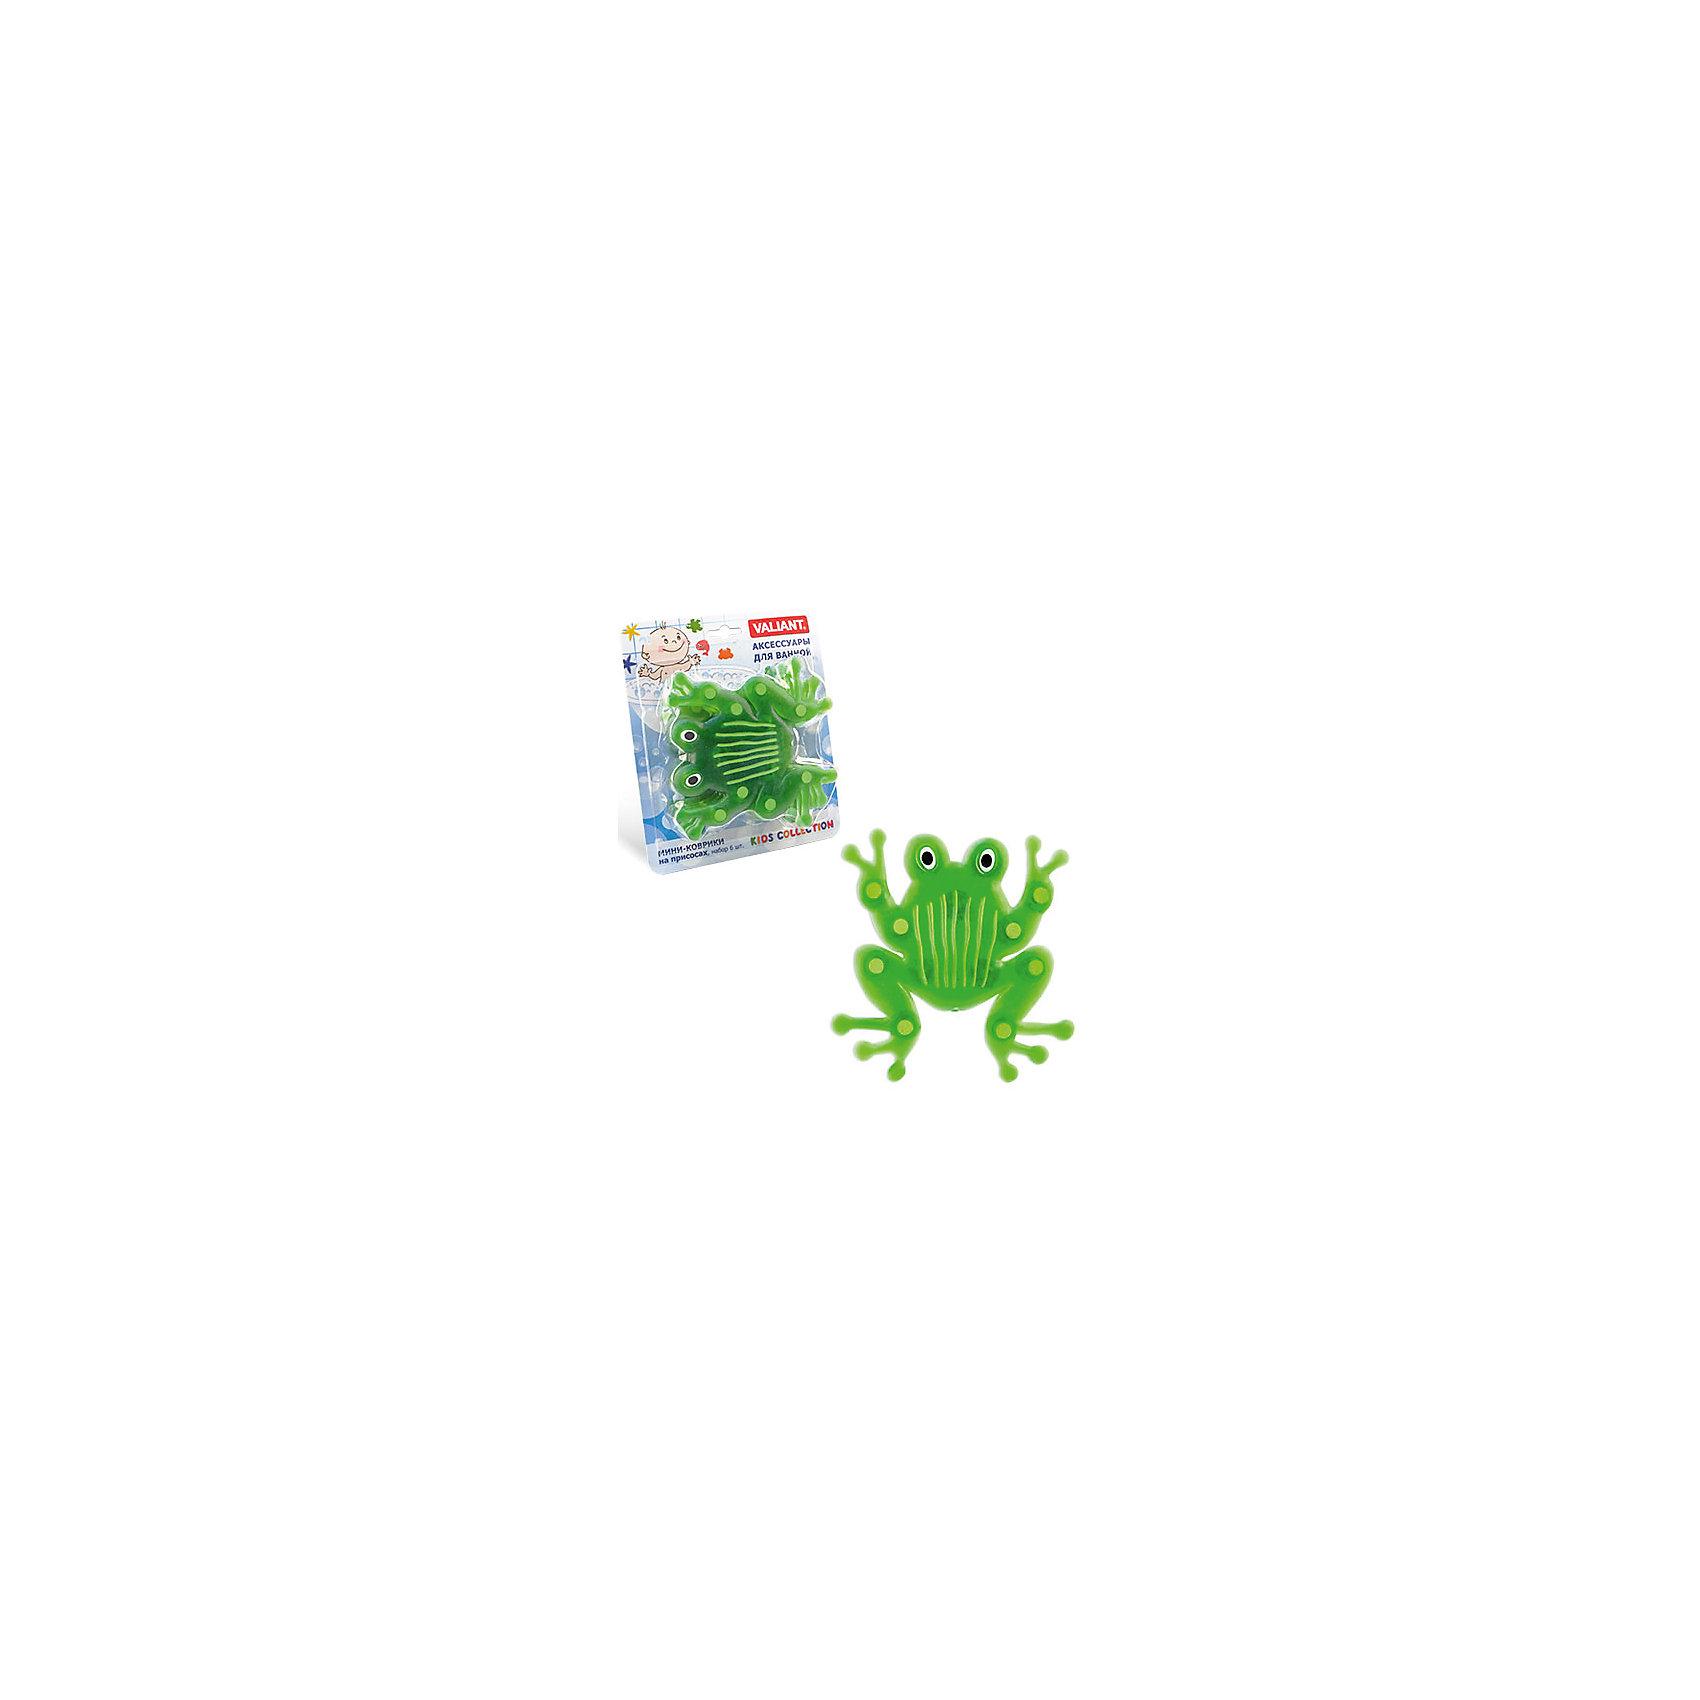 Набор ковриков Лягушка на присосках (6 шт)Ванная комната<br>Мини-коврики для ванной комнаты - это яркое дополнение к купанию малыша. Это и игра и развитие моторики и изучение зверушек. <br>Колоссальный и постоянно растущий спрос на них обусловлен реакцией малышей и их мам на данное изобретение по всему миру.<br>Мини-коврики снабжены присосками и превосходно клеятся на влажный кафель.<br><br>Ширина мм: 190<br>Глубина мм: 170<br>Высота мм: 40<br>Вес г: 180<br>Возраст от месяцев: -2147483648<br>Возраст до месяцев: 2147483647<br>Пол: Унисекс<br>Возраст: Детский<br>SKU: 4563296